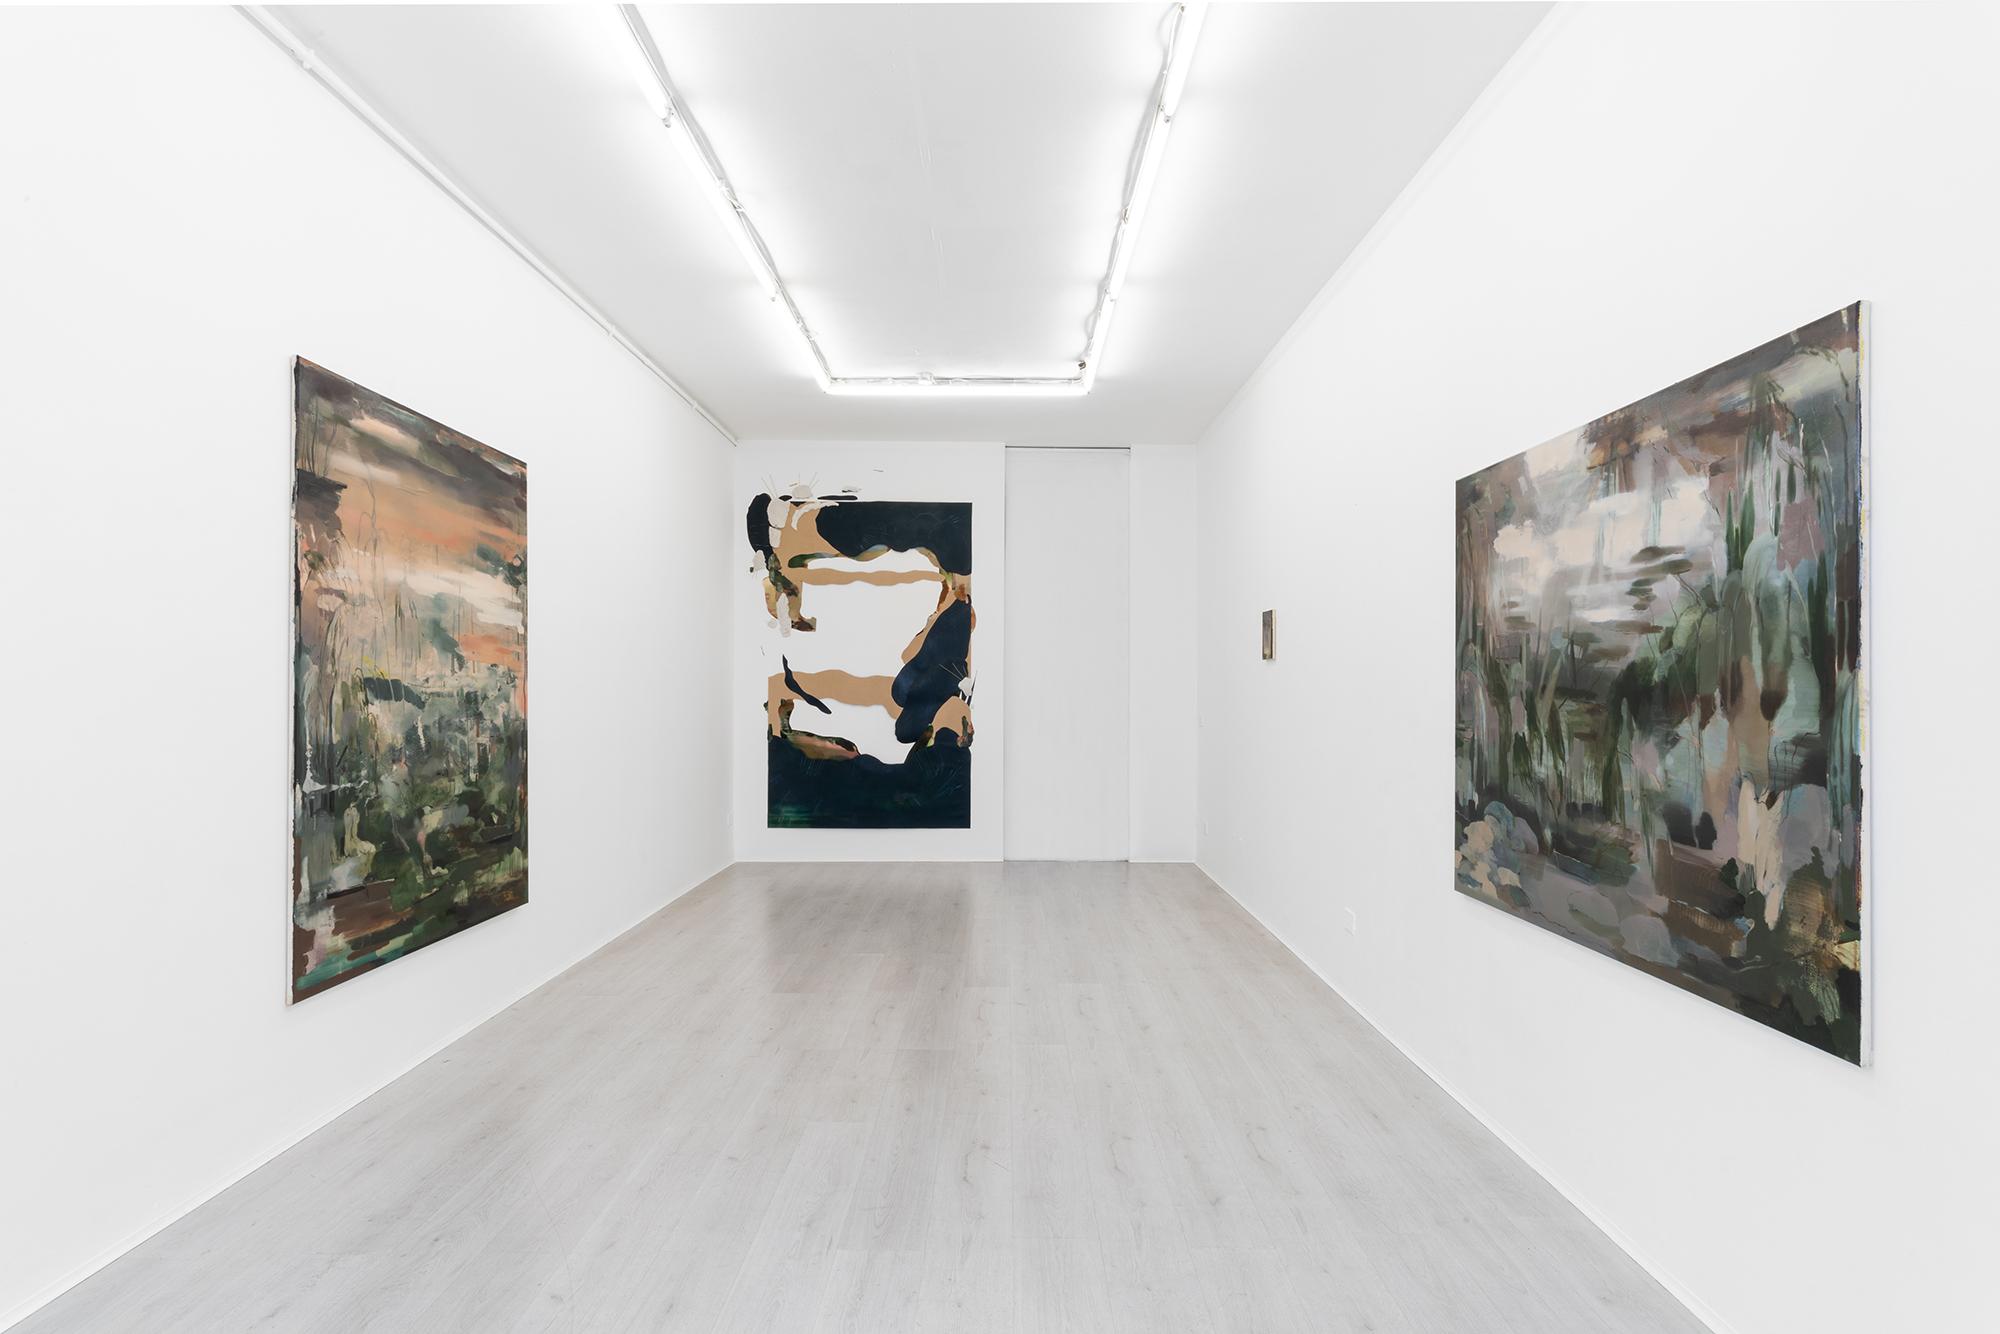 6. Nazzarena Poli Maramotti, Unterwasser, exhibition view @ A+B gallery - Brecscia